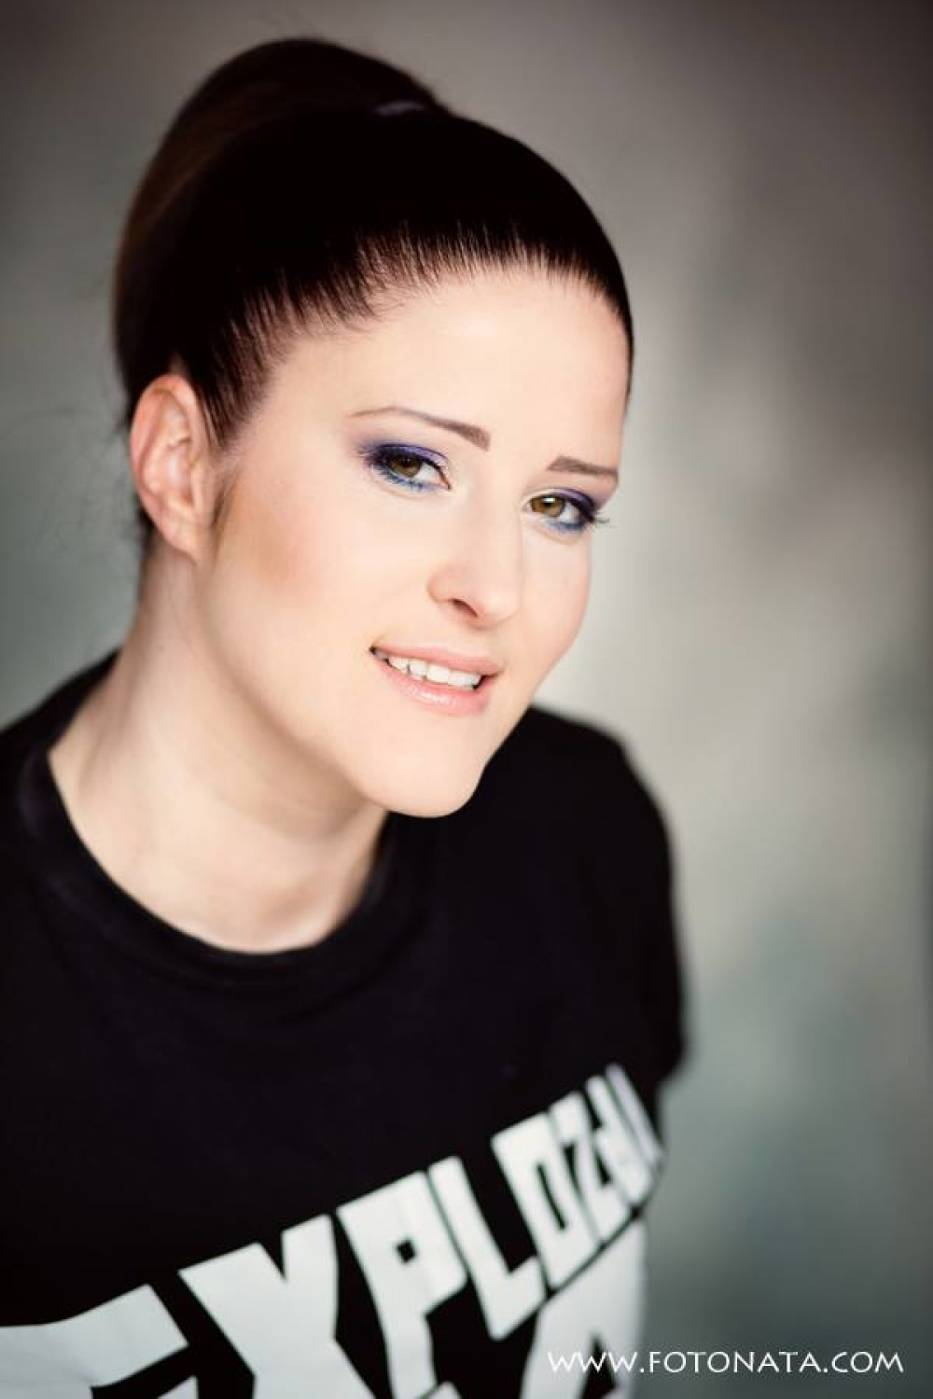 Człowiek Roku 2016 w Jastrzębiu: Agnieszka Cichoń spełnia marzenia